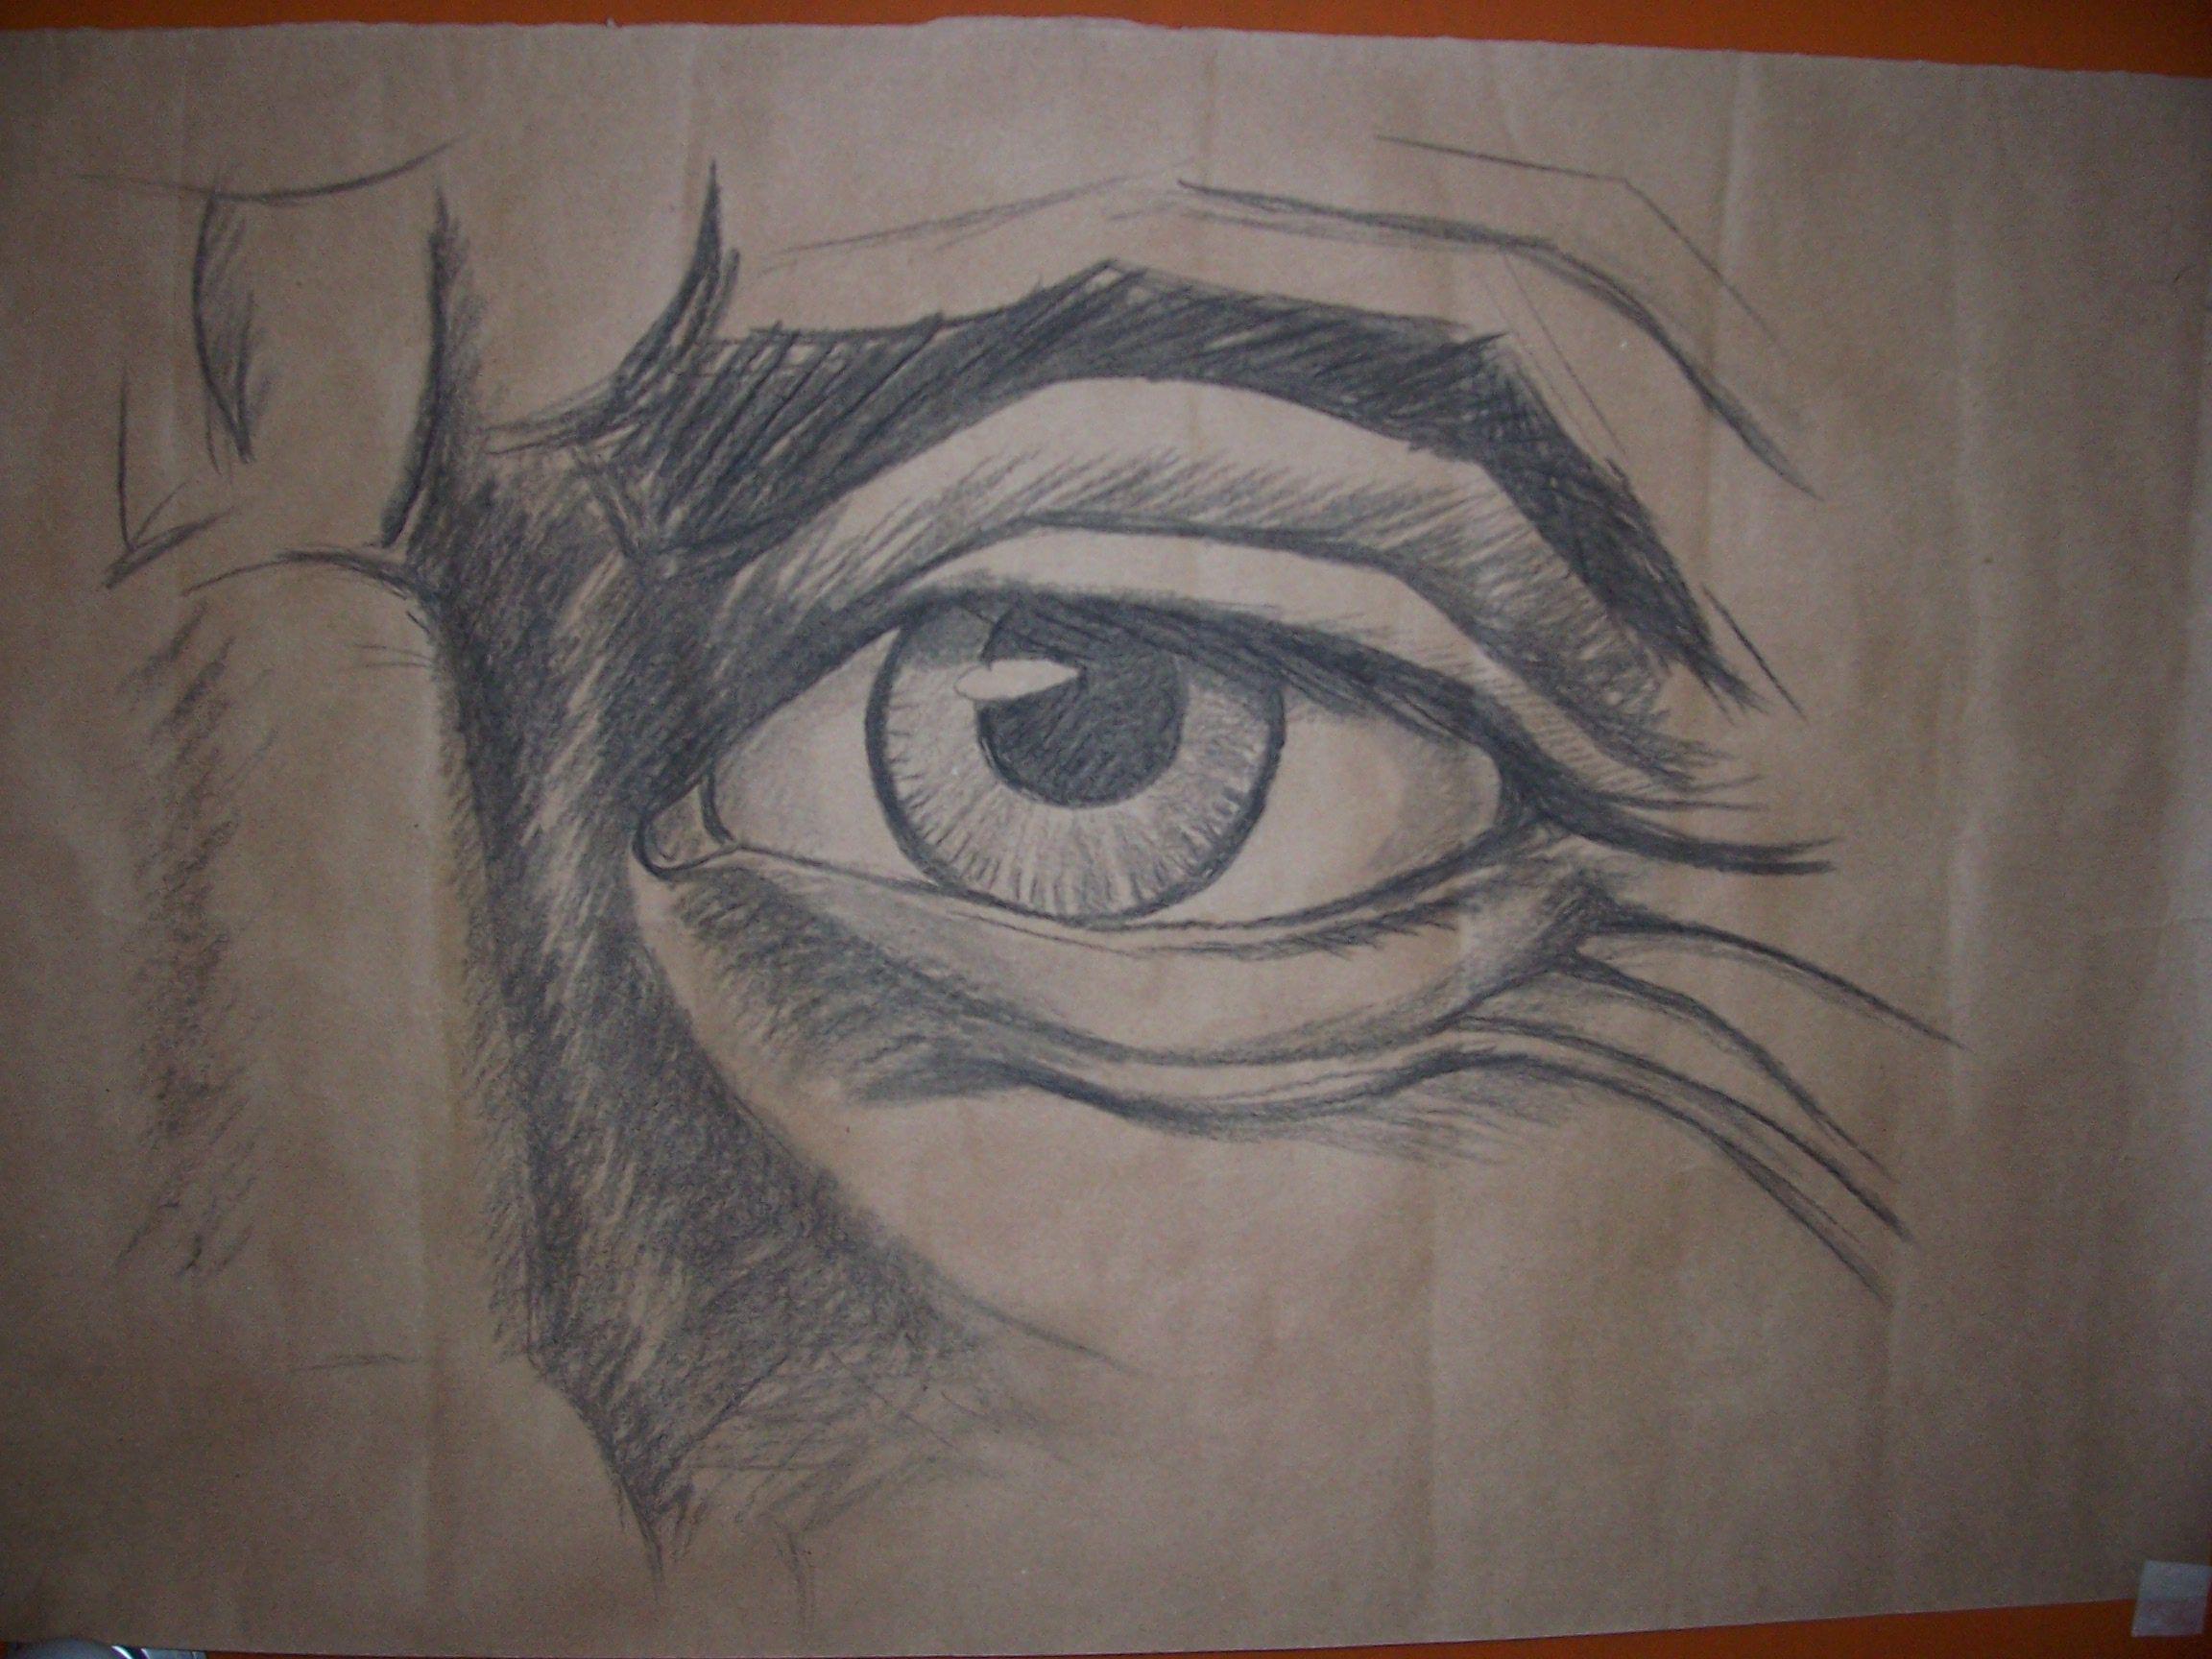 boceto al carboncillo ojo de anciano Obra de Susana Soto Poblette